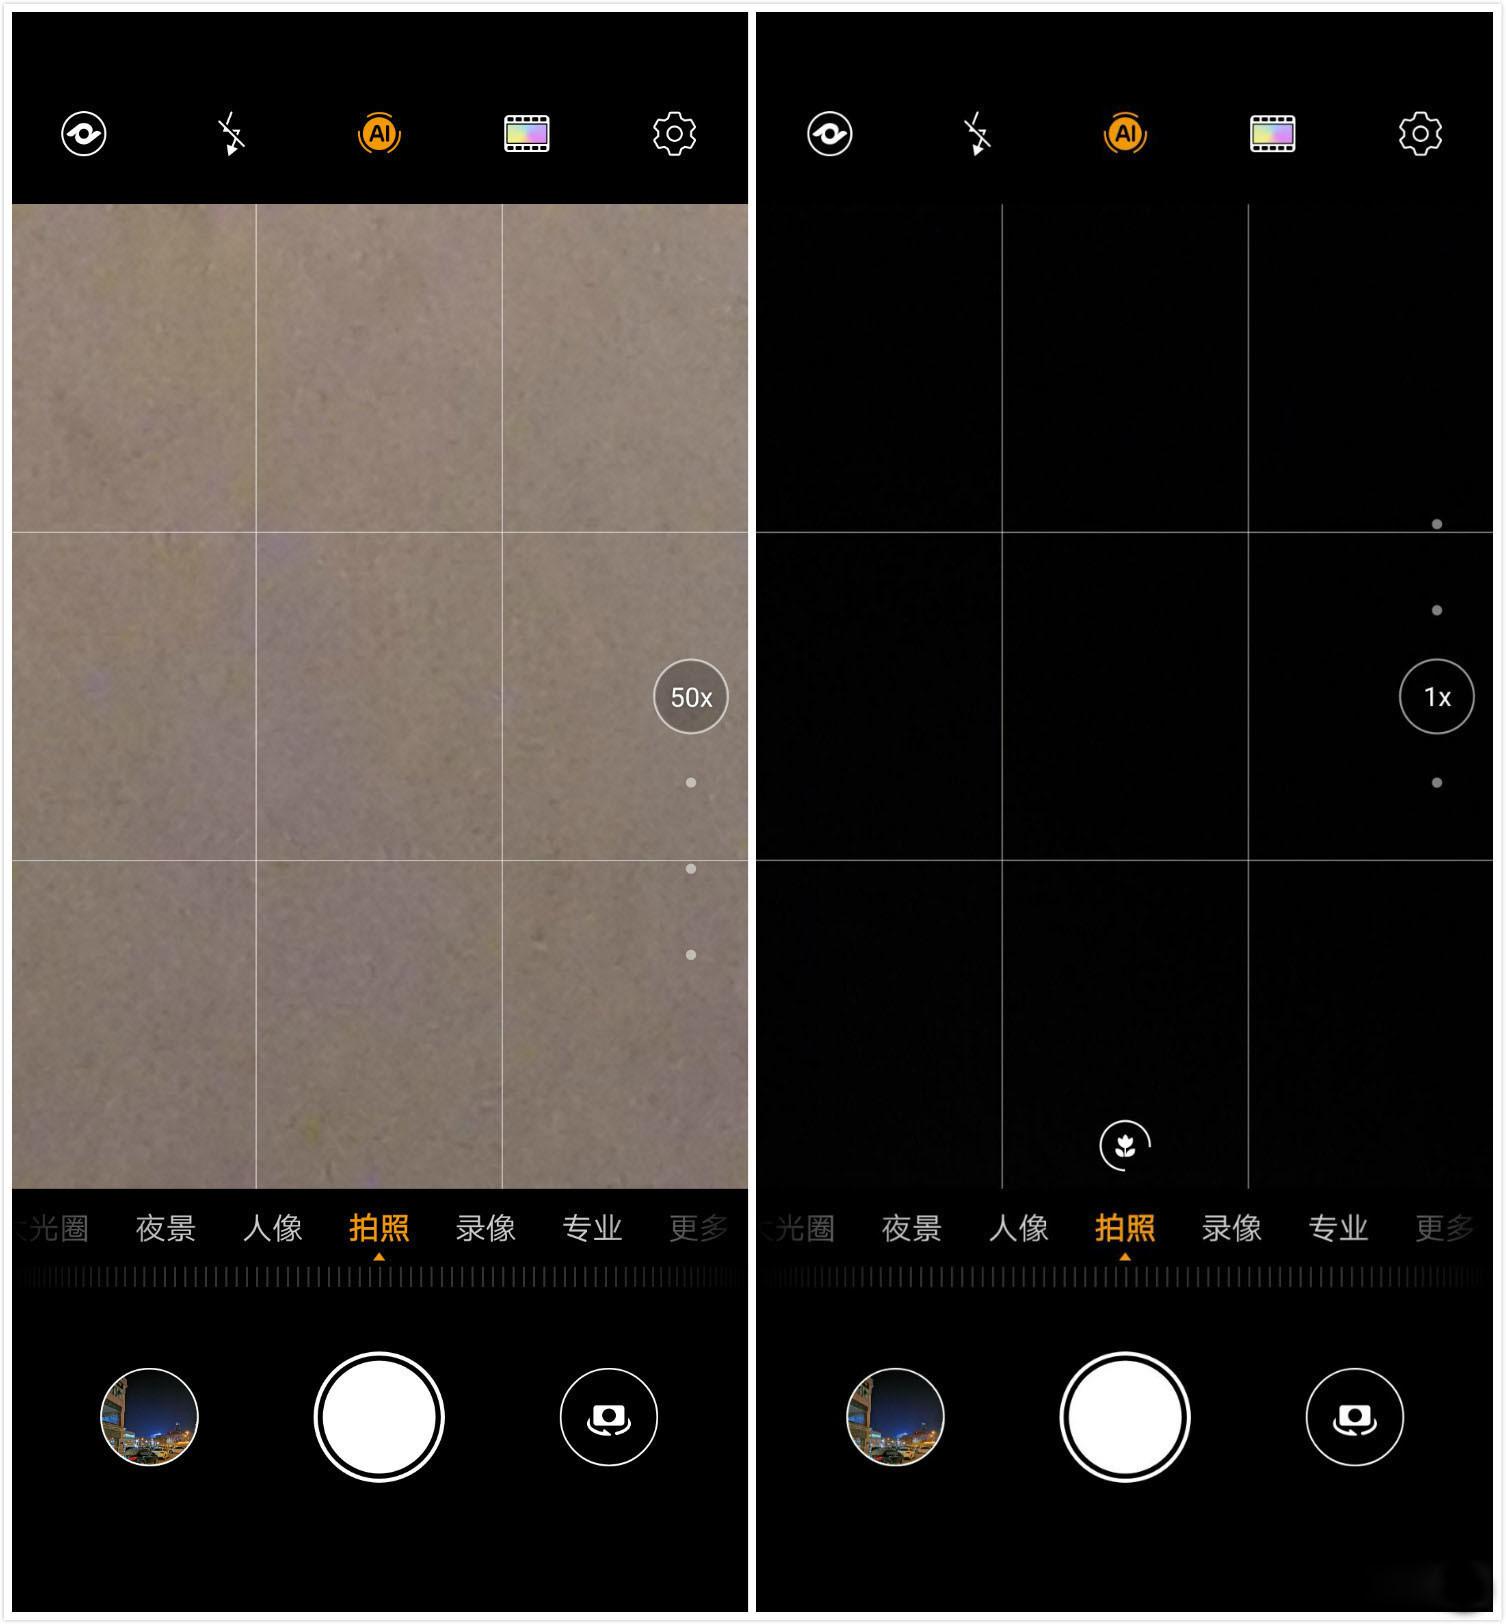 华为P30(8+64GB)手机功能界面第5张